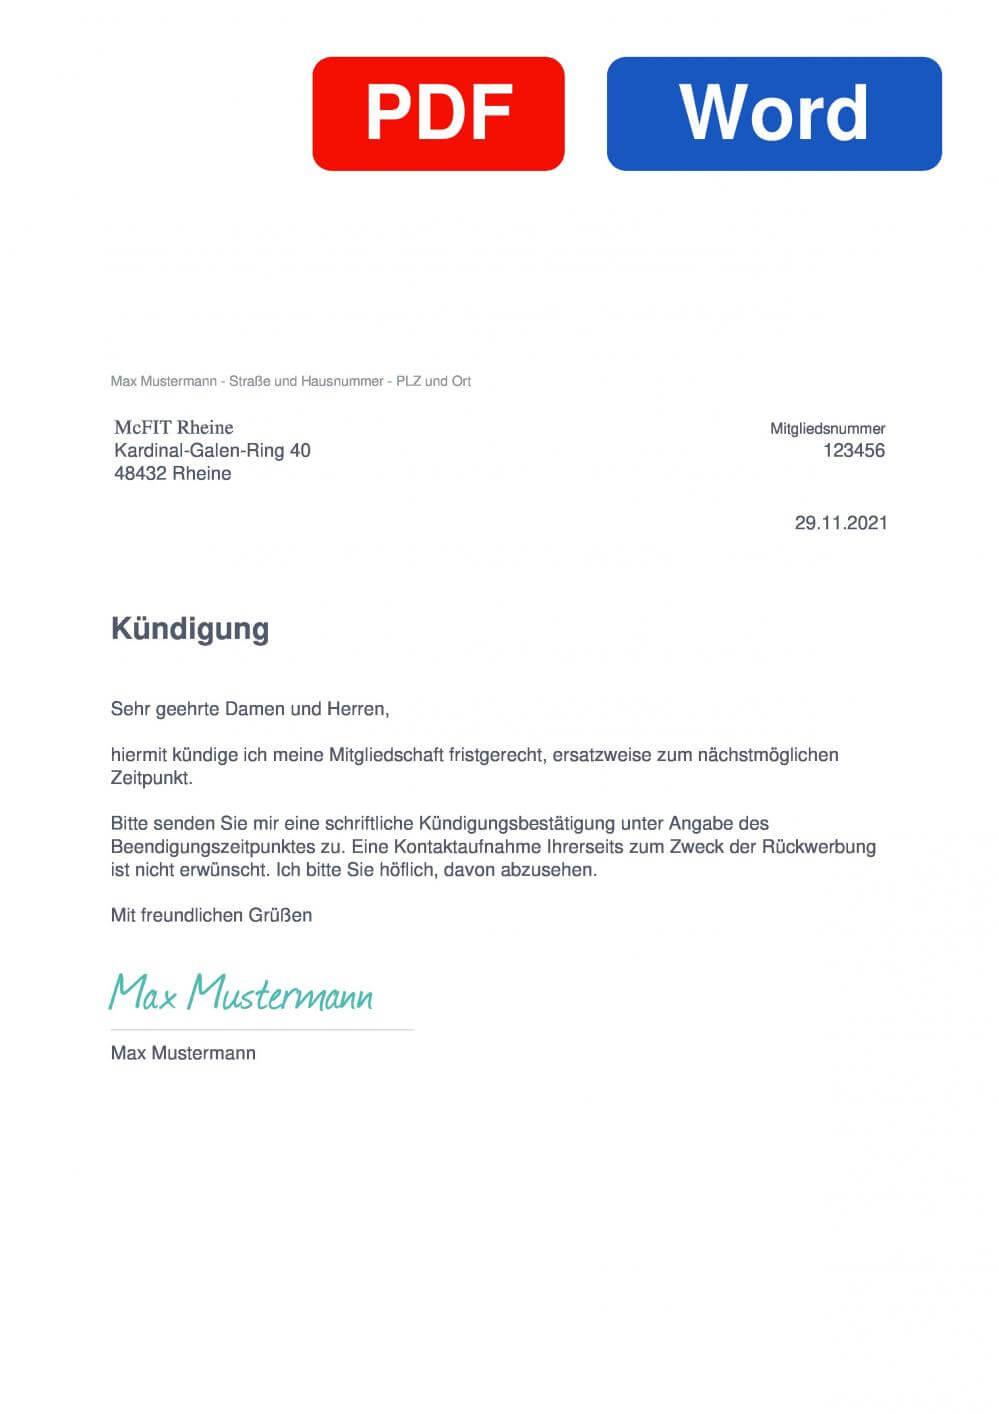 McFIT Rheine Muster Vorlage für Kündigungsschreiben